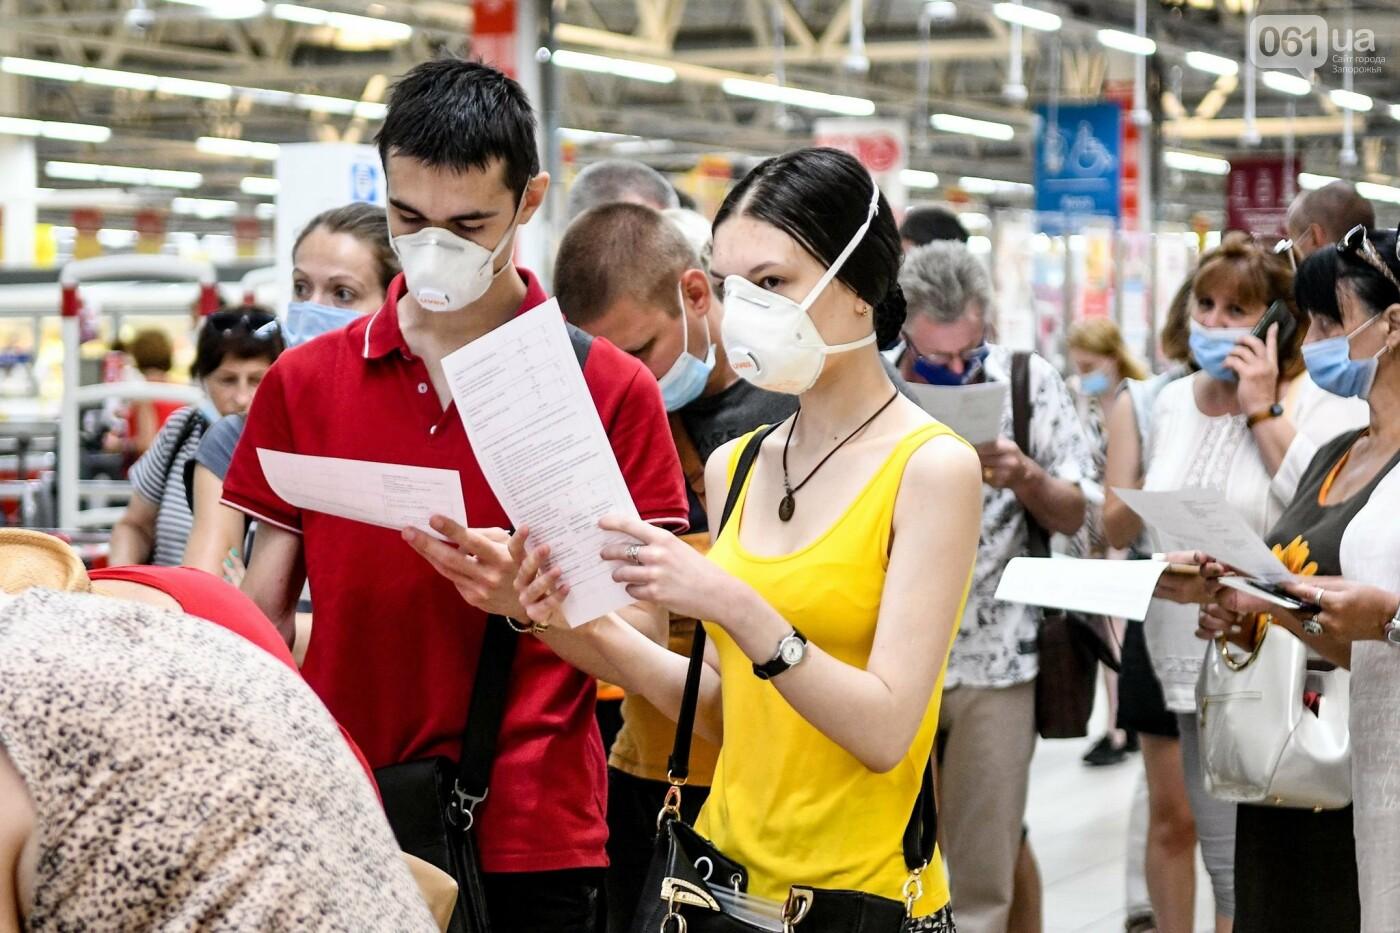 """В Запорожье в """"CITY MALL"""" открылся центр вакцинации: прививают Pfizer, сотни людей стоят в очереди, - ФОТОРЕПОРТАЖ , фото-2"""